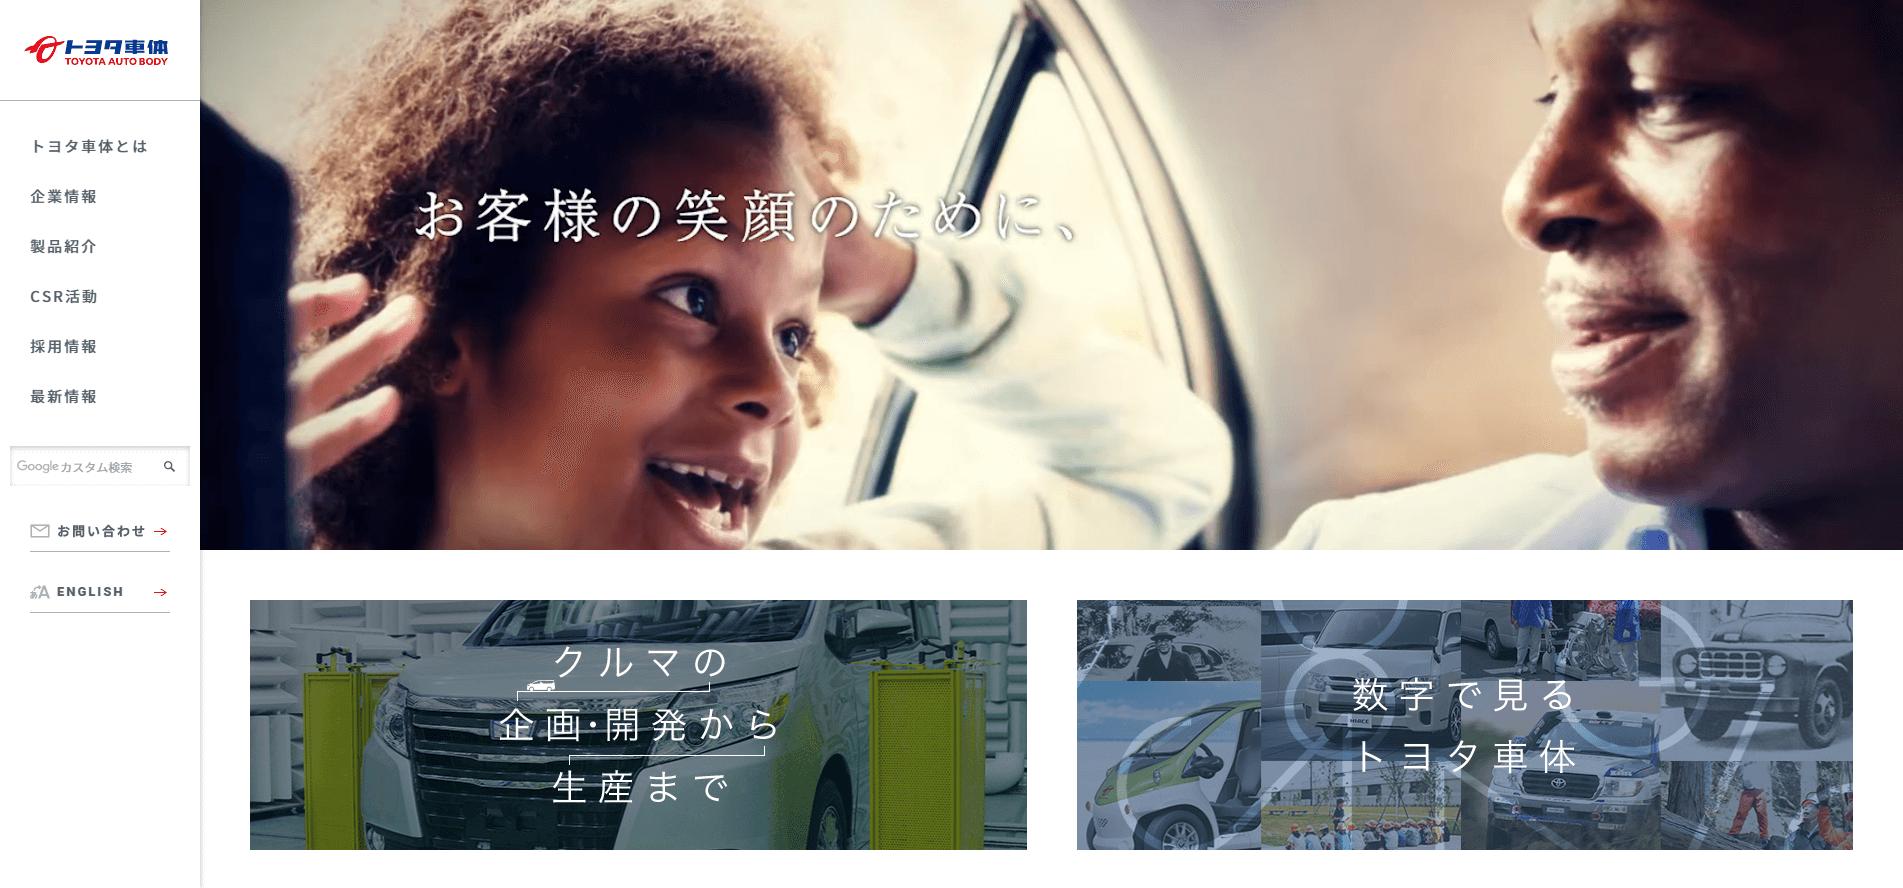 トヨタ車体株式会社